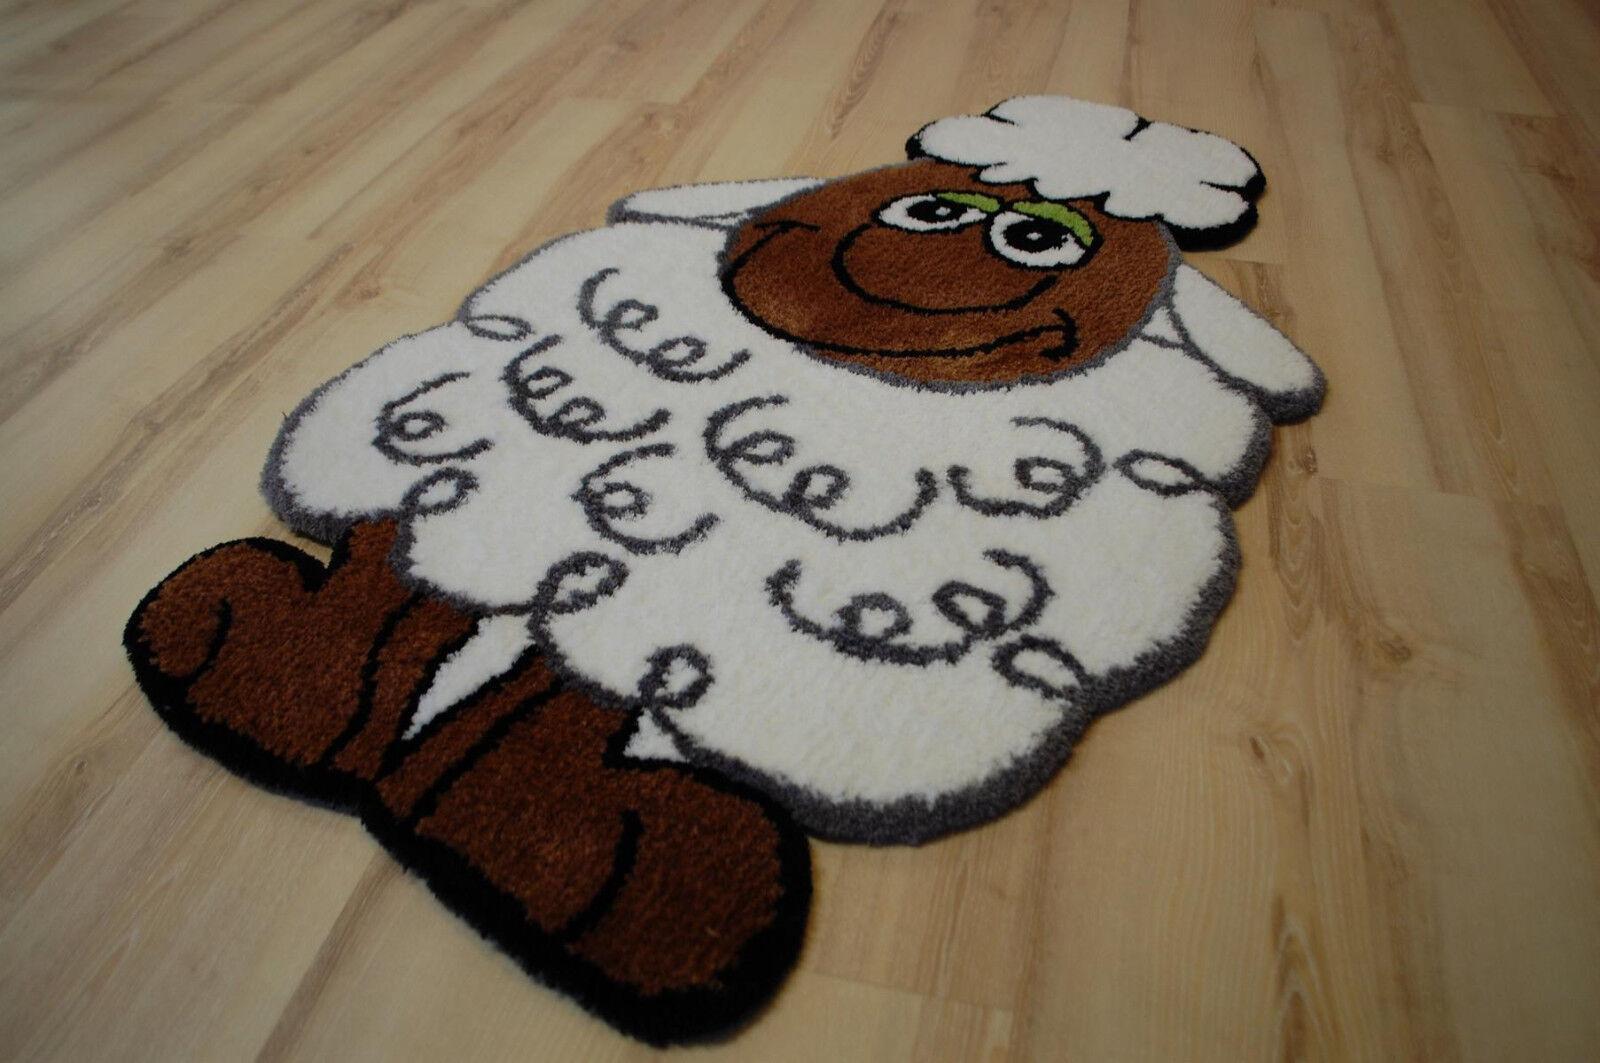 Bambini tappeto gioco tappeto pecora 75x130 cm bc-1050 Sheep